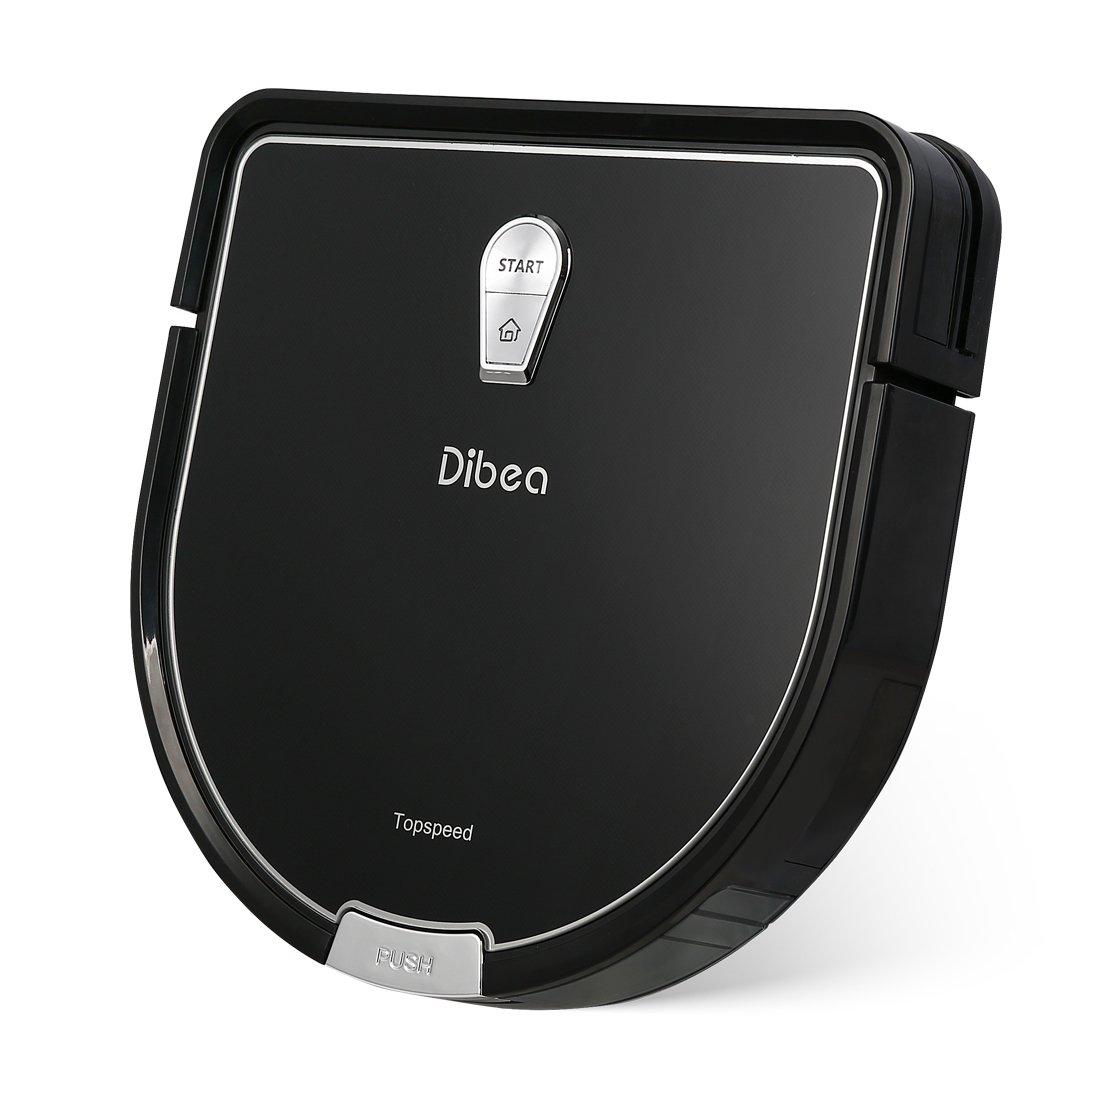 Acquisto Dibea D960 Robot Aspirapolvere Lavapavimenti Serbatoio d'Acqua Incorporato per e Potente ed Autonomo per Polvere, Briciole, Filtro HEPA per Pelo Animale e Allergeni, Nero Prezzo offerta